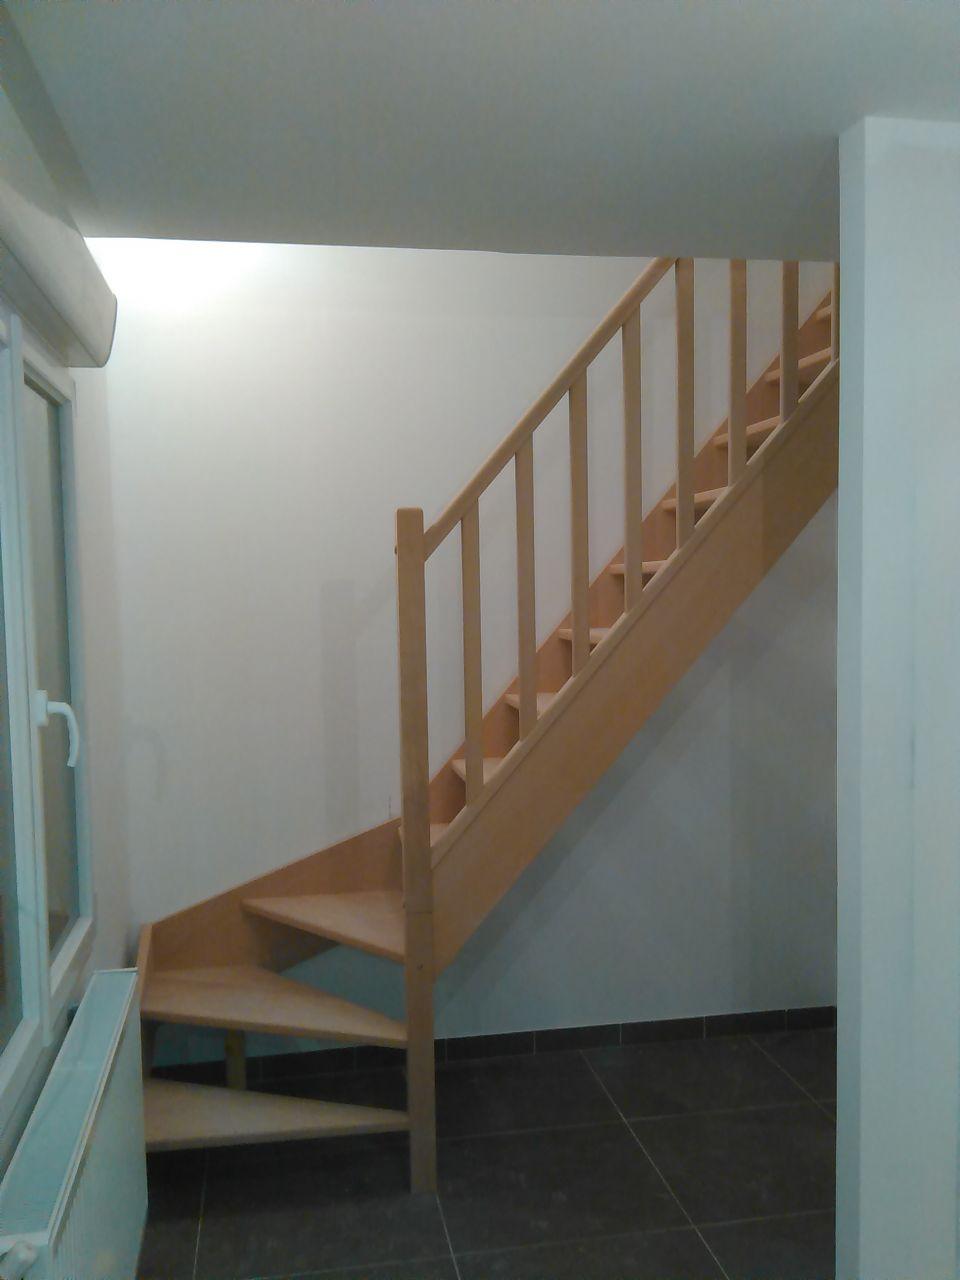 Toilettes pose d 39 un escalier pose d 39 une moquette pas for Pose moquette escalier